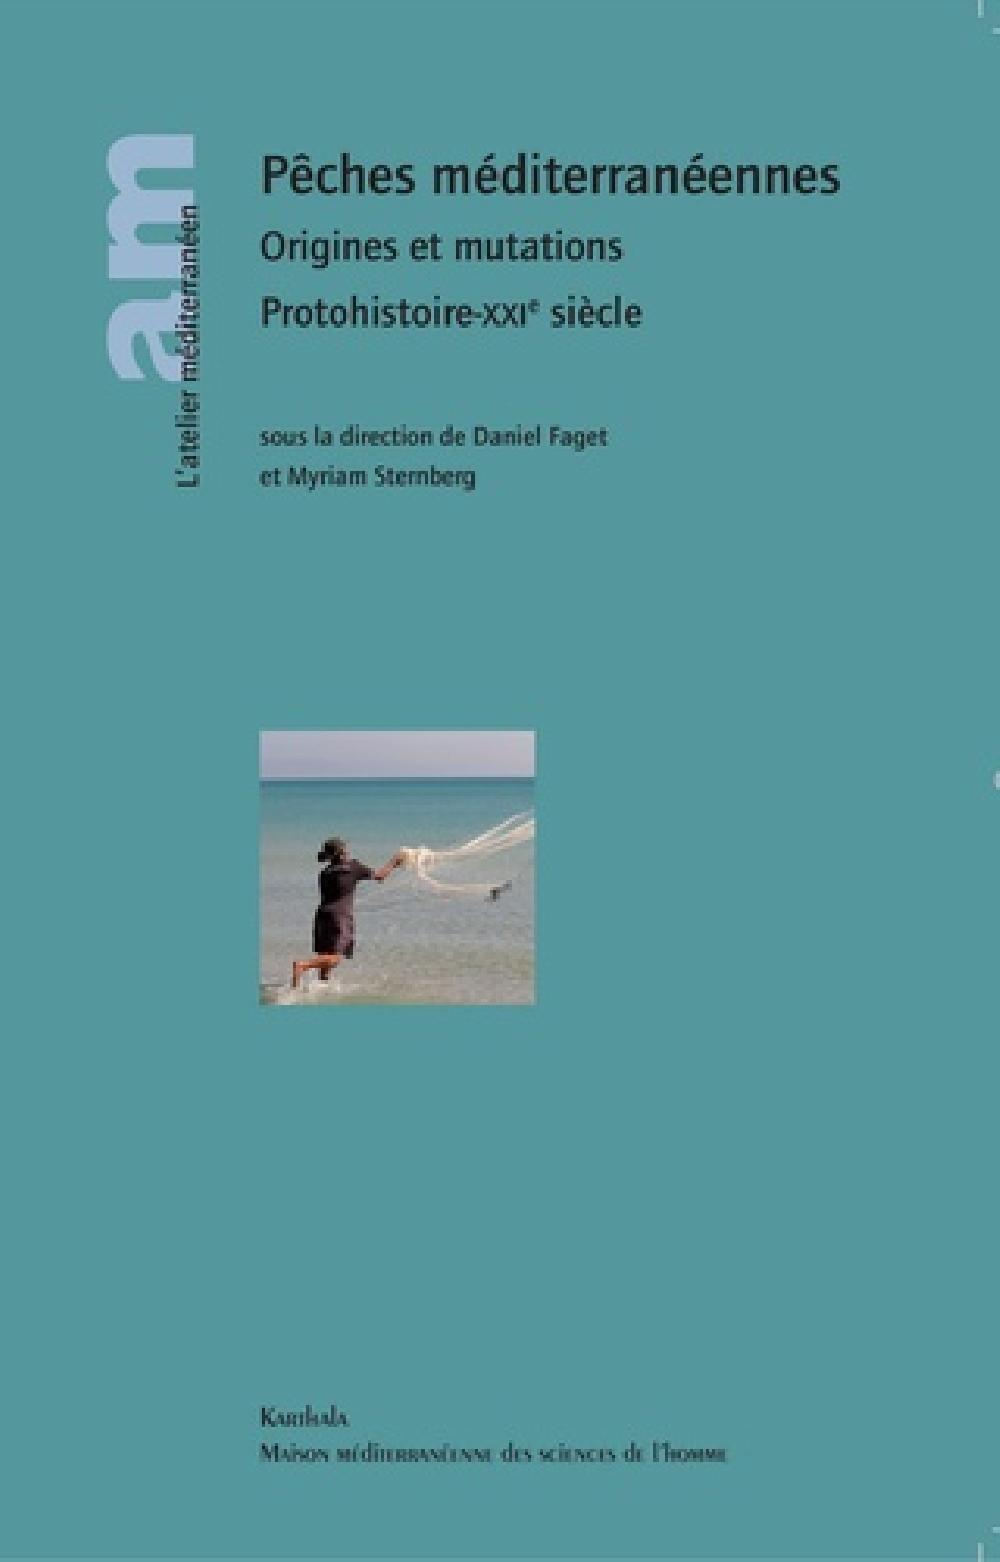 Pêches méditerranéennes - Origines et mutations Protohistoire-XXIe siècle